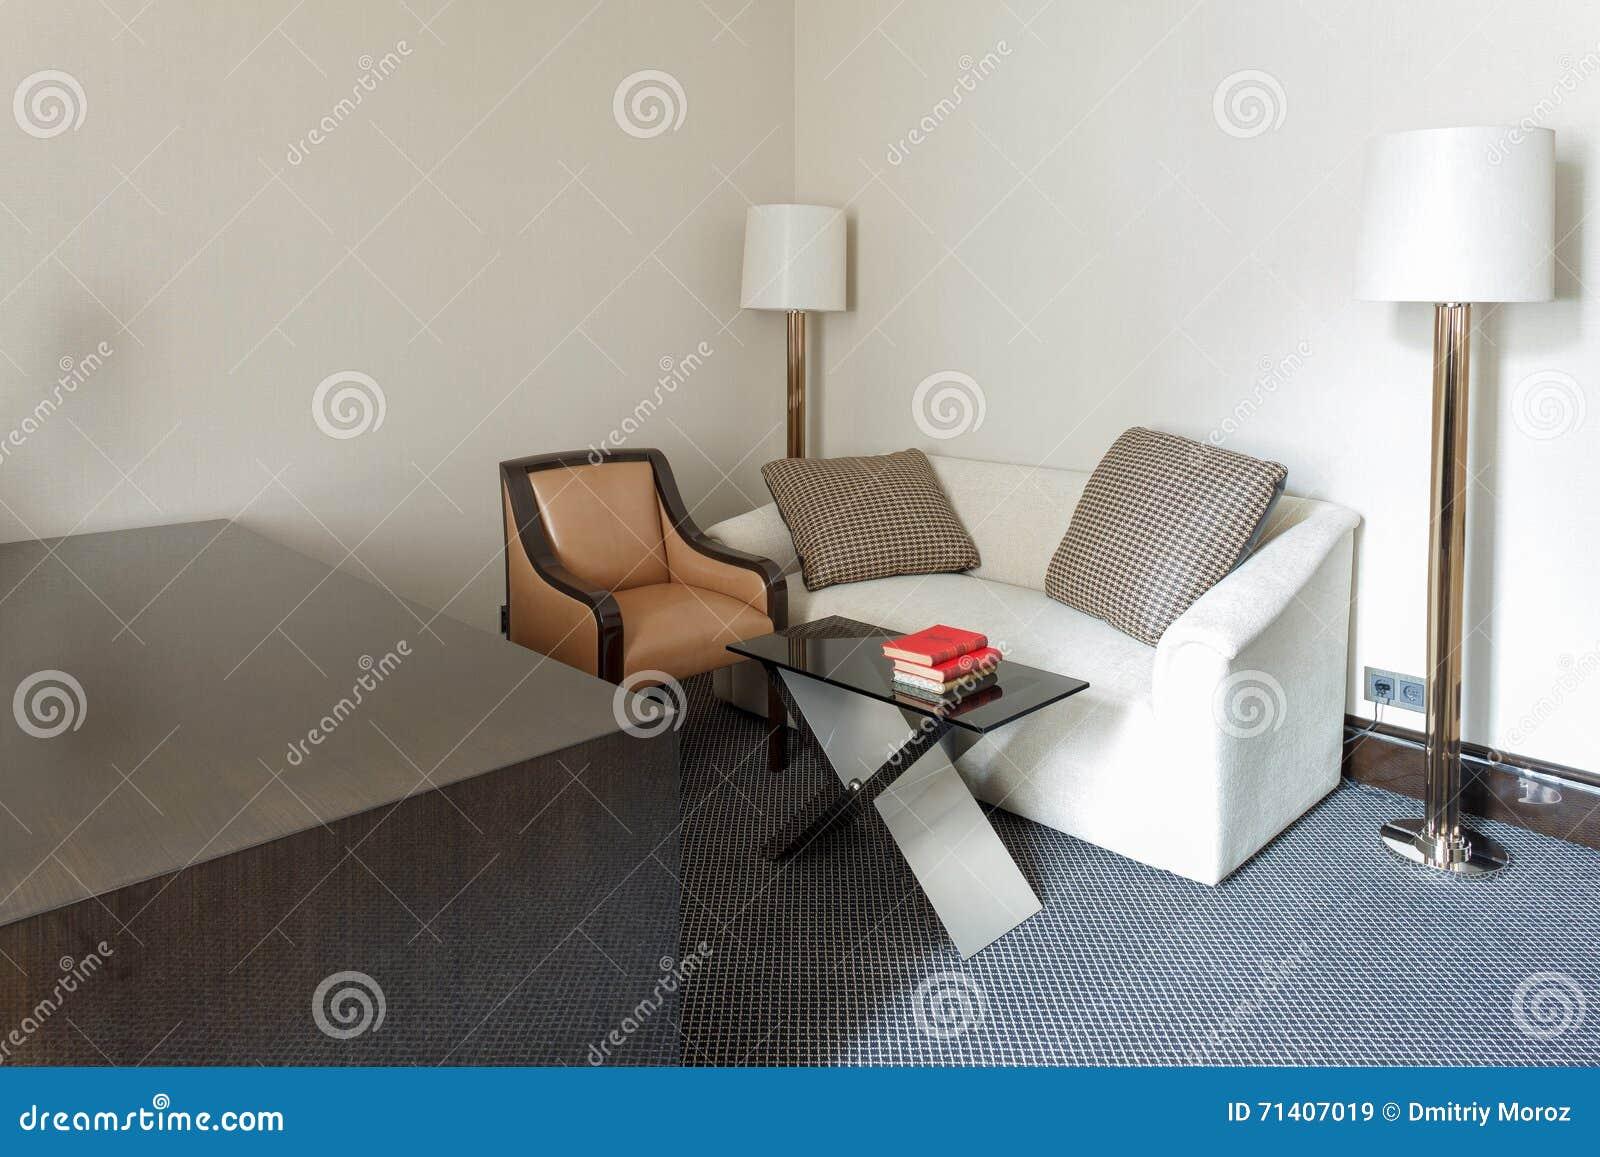 Vide In Hal : Réception de luxe vide hal image stock image du couloir